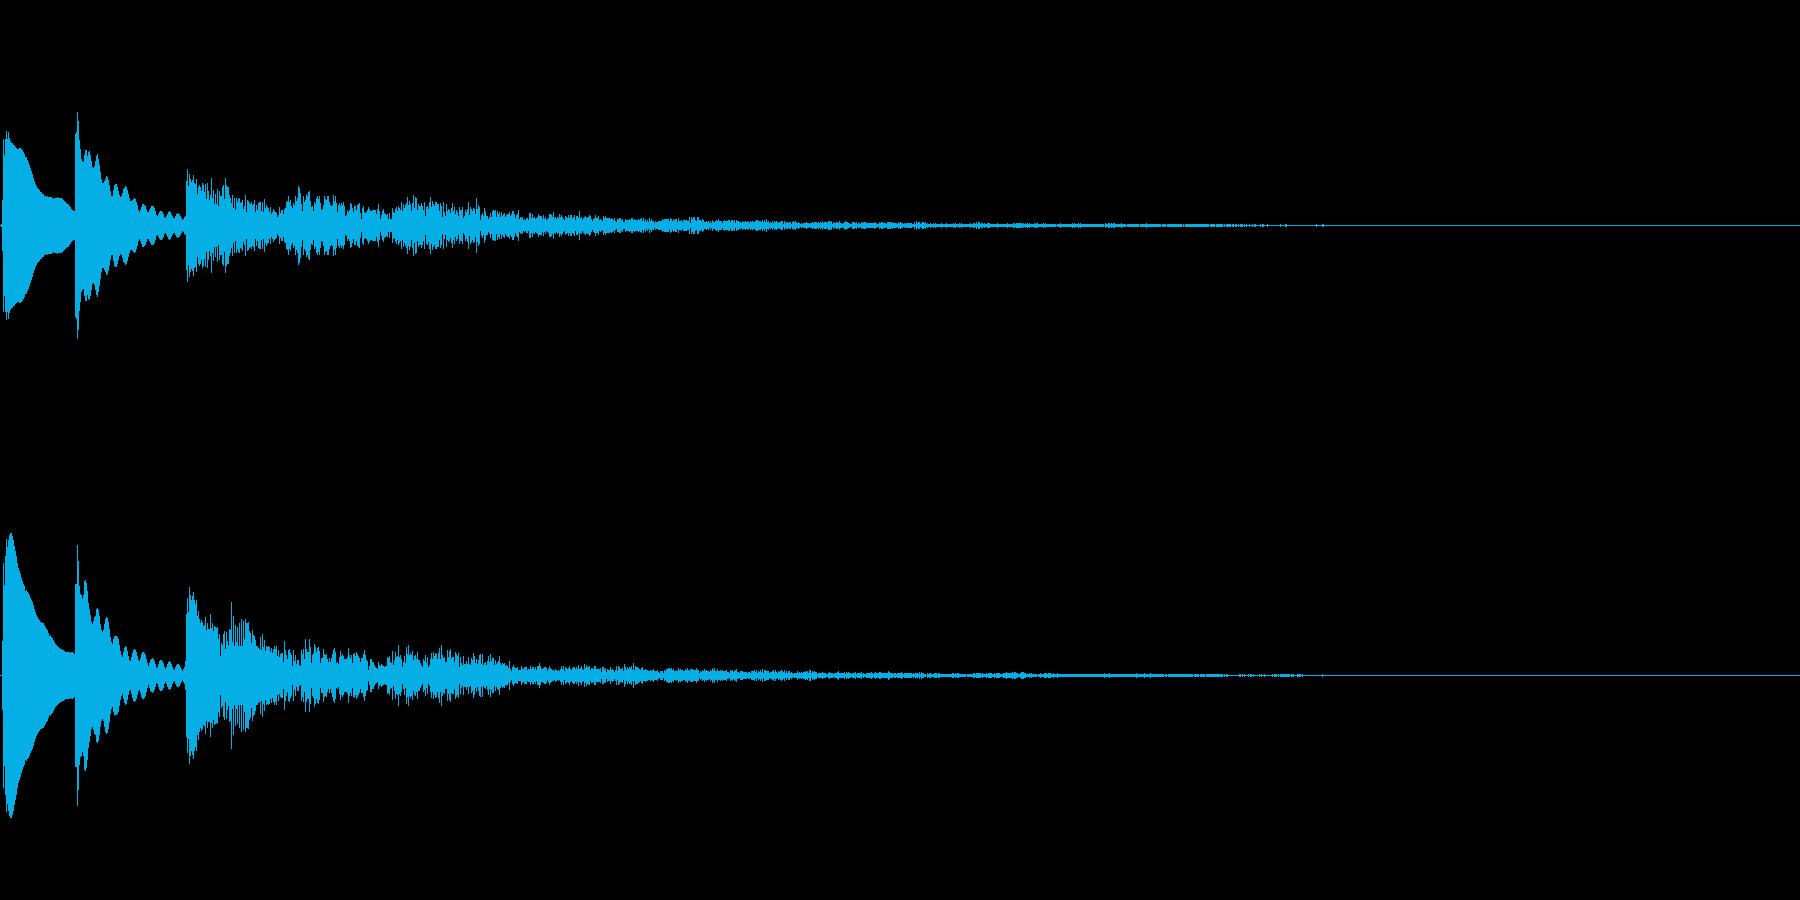 未来的・決定・空気感・取得8の再生済みの波形